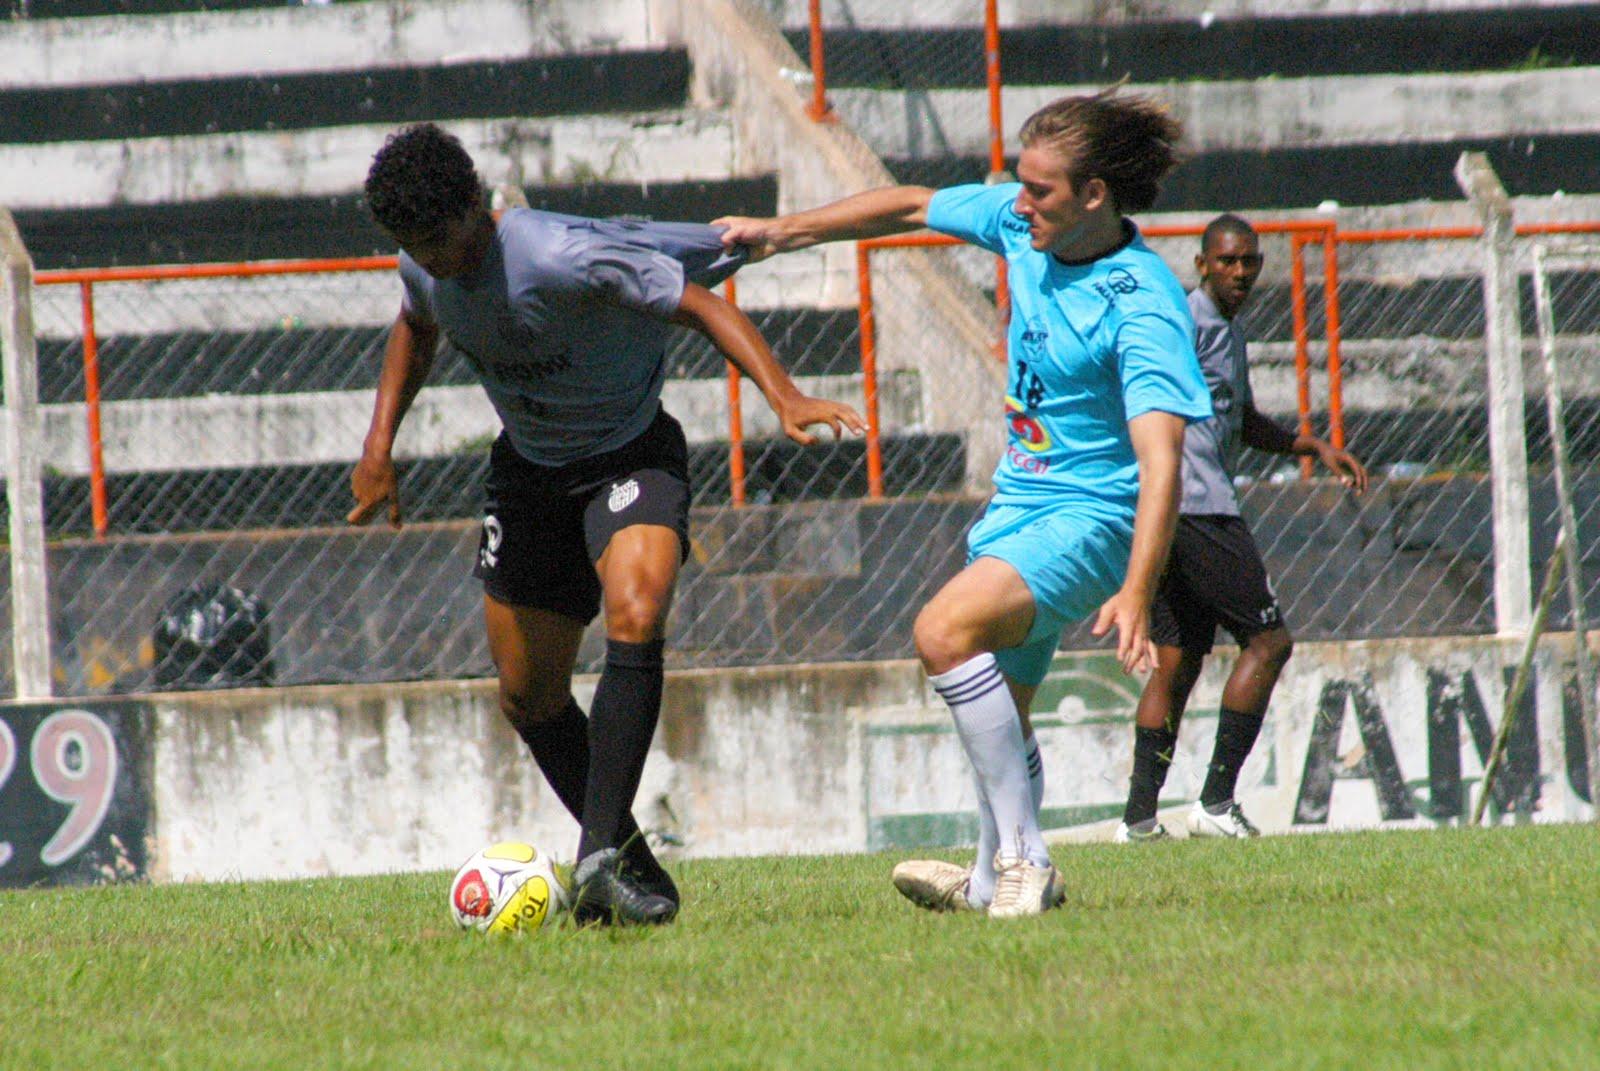 0c0dd894ec9 O Independente realiza hoje à tarde o seu quarto jogo-treino da temporada.  Depois de perder para o União Barbarense por 1 a 0 e vencer o Paulínia por  3 a 2 ...